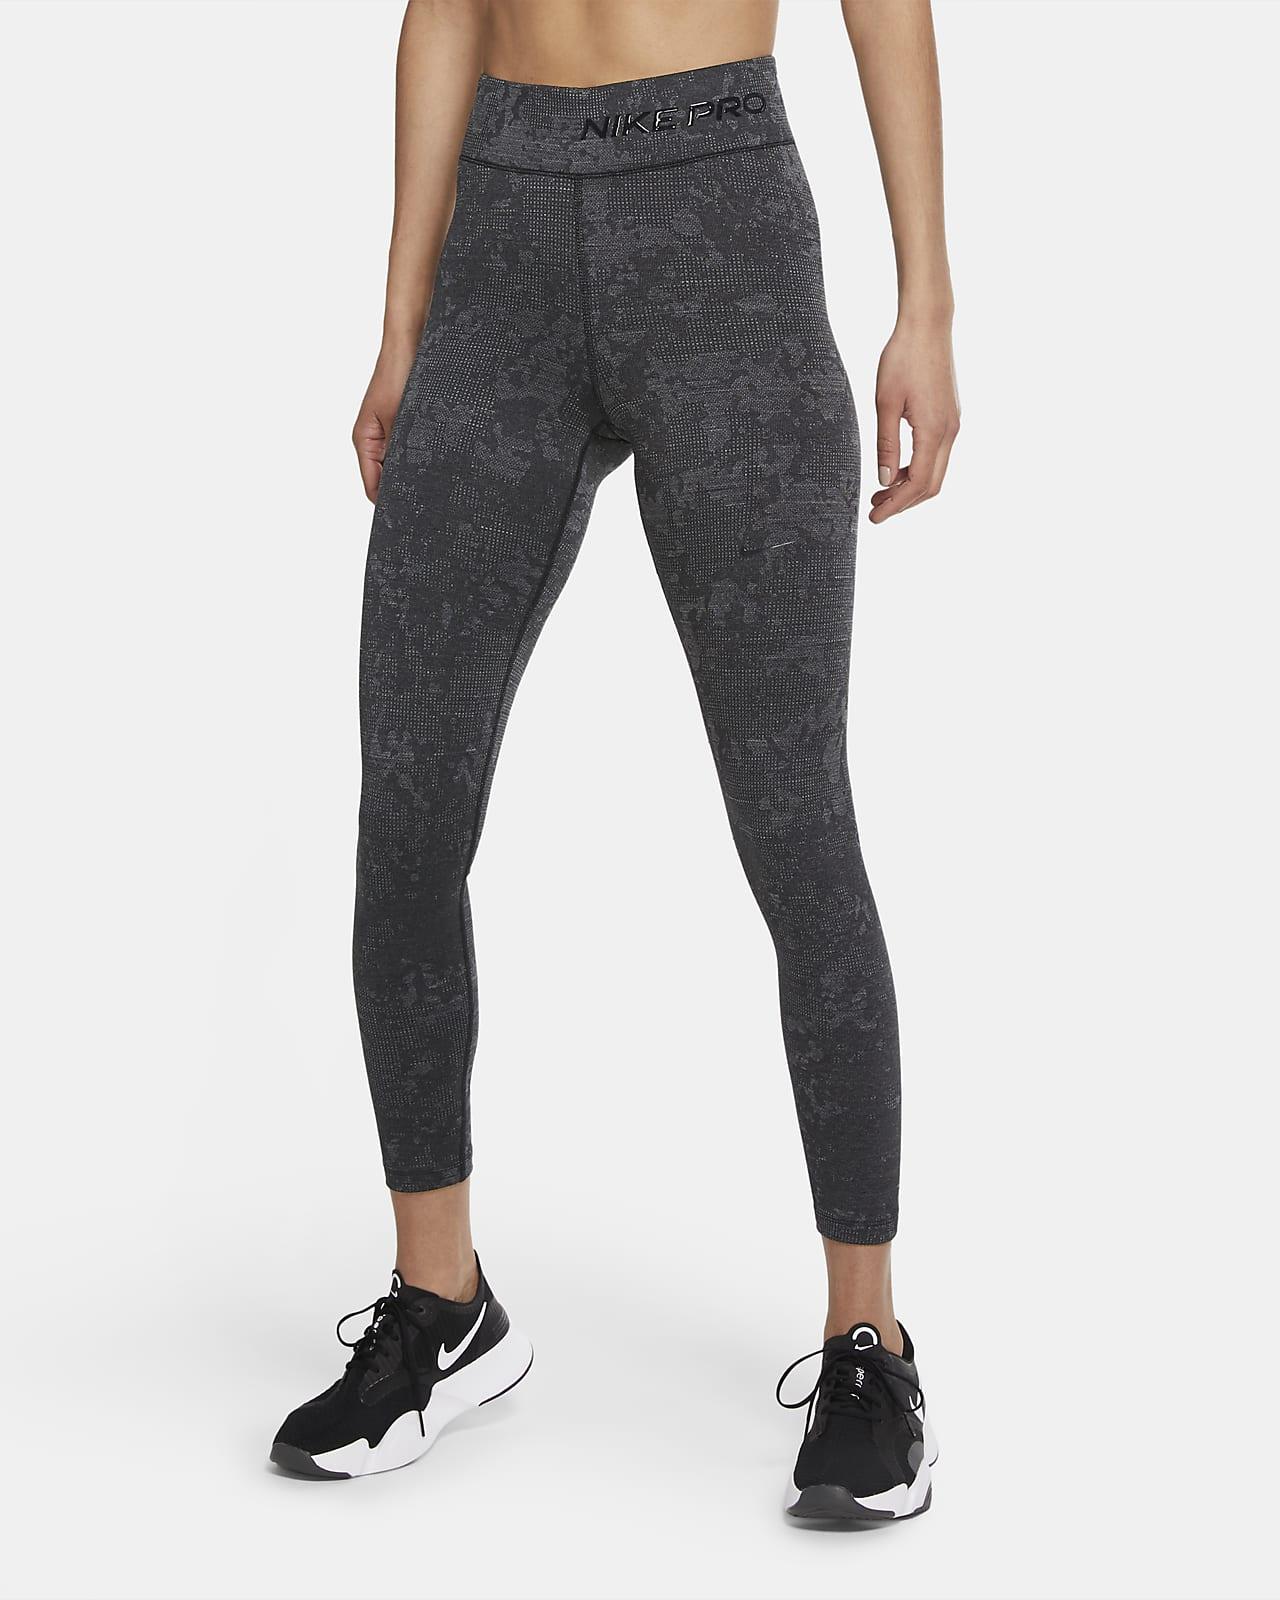 Legging Nike Pro HyperWarm Therma pour Femme